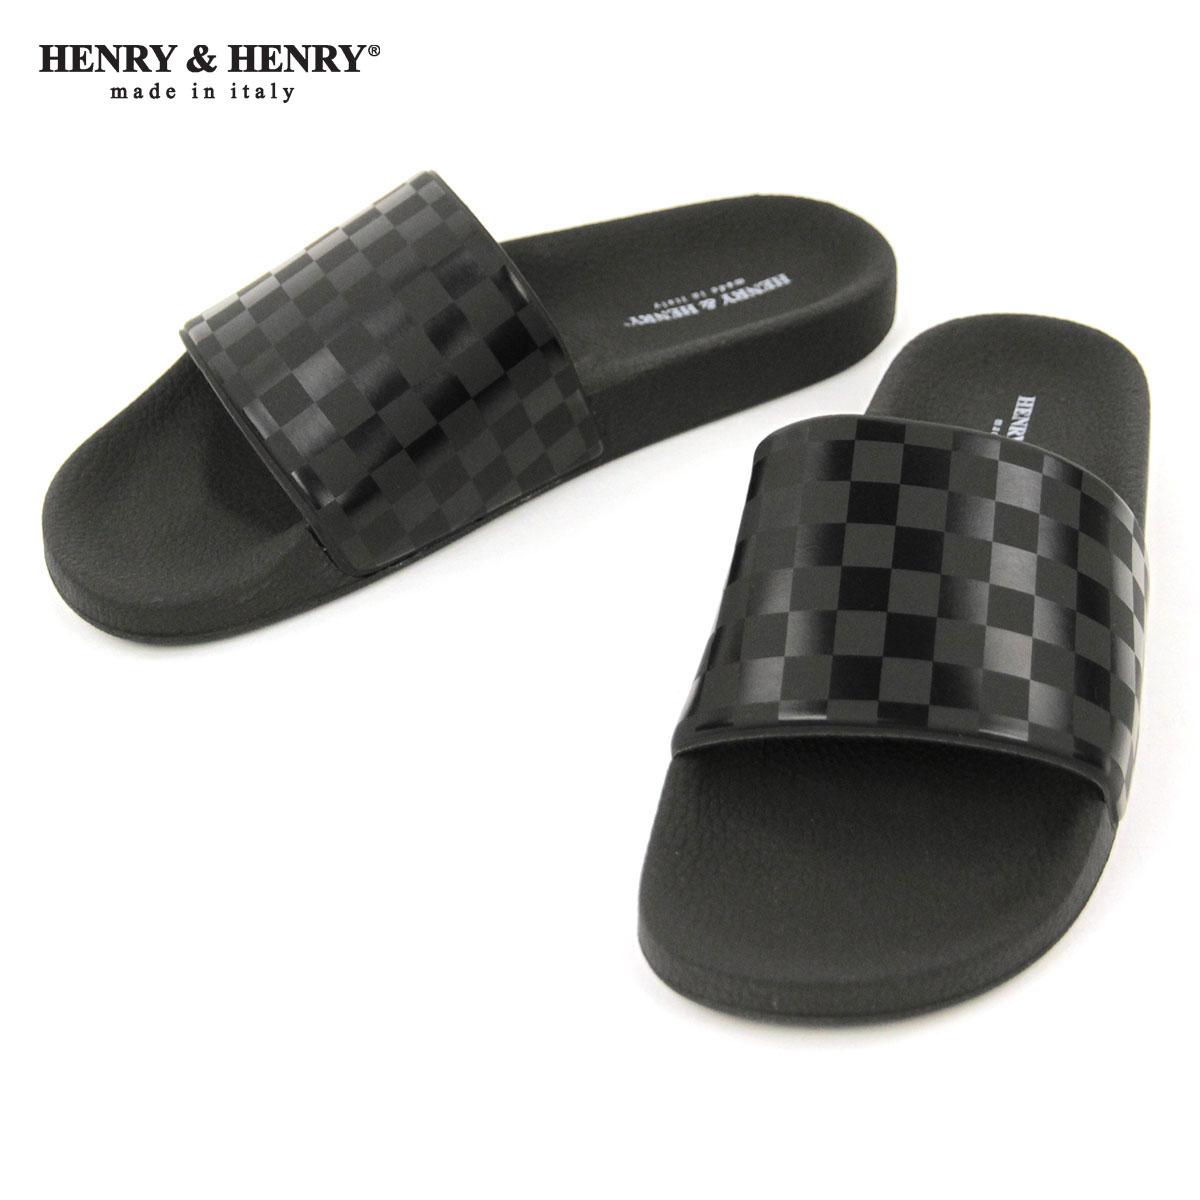 ヘンリーアンドヘンリー HENRY&HENRY 正規販売店 サンダル シャワーサンダル 180 CHECKER SHOWER SANDAL BLACK CHECKER BLACK SOLE A66B B3C C4D D3E E13F